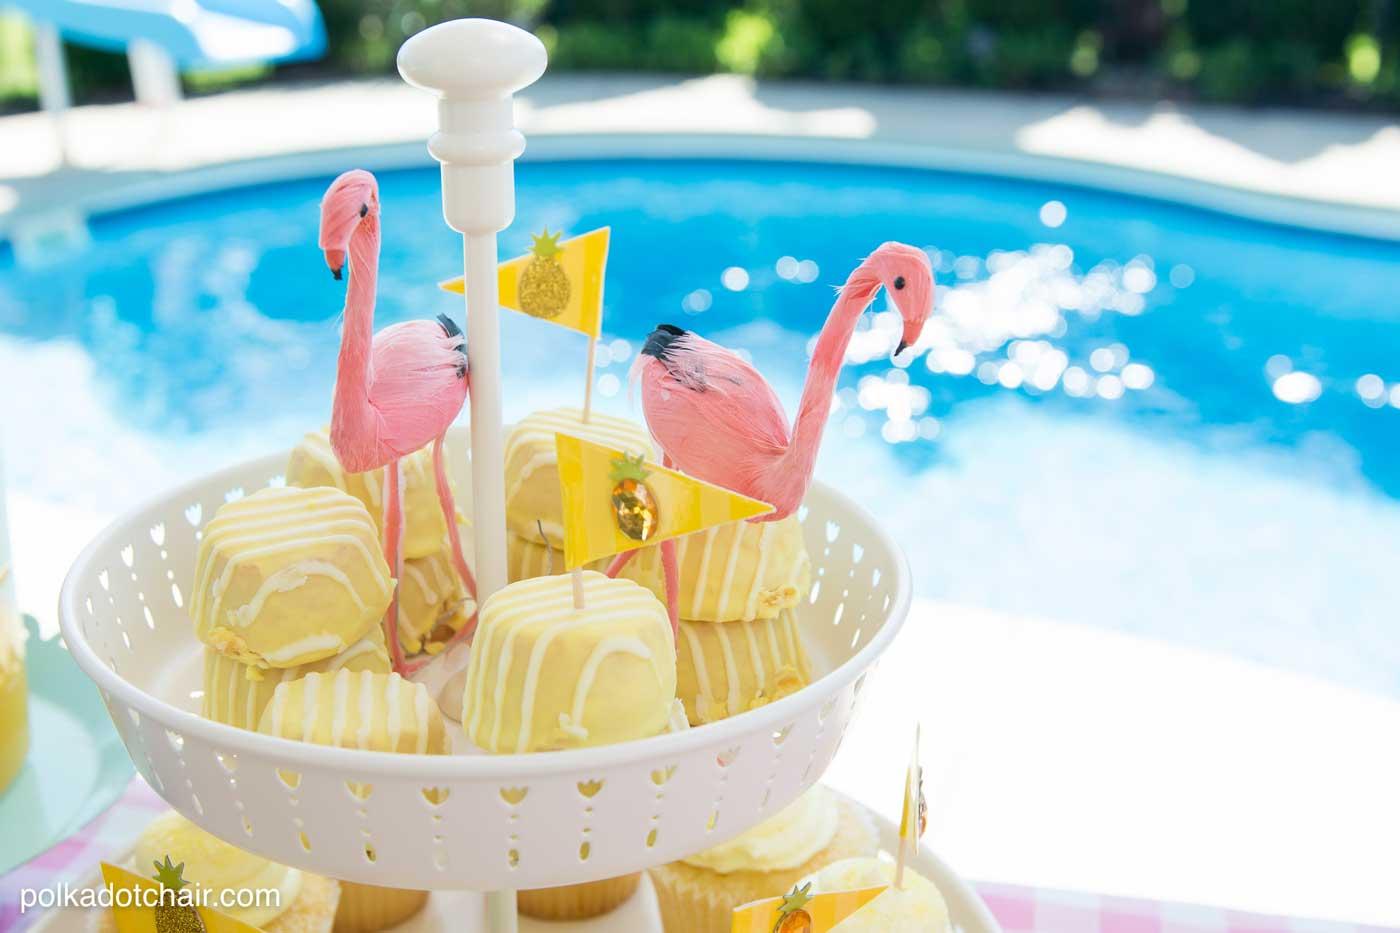 cha-panela-festa-piscina-14-min